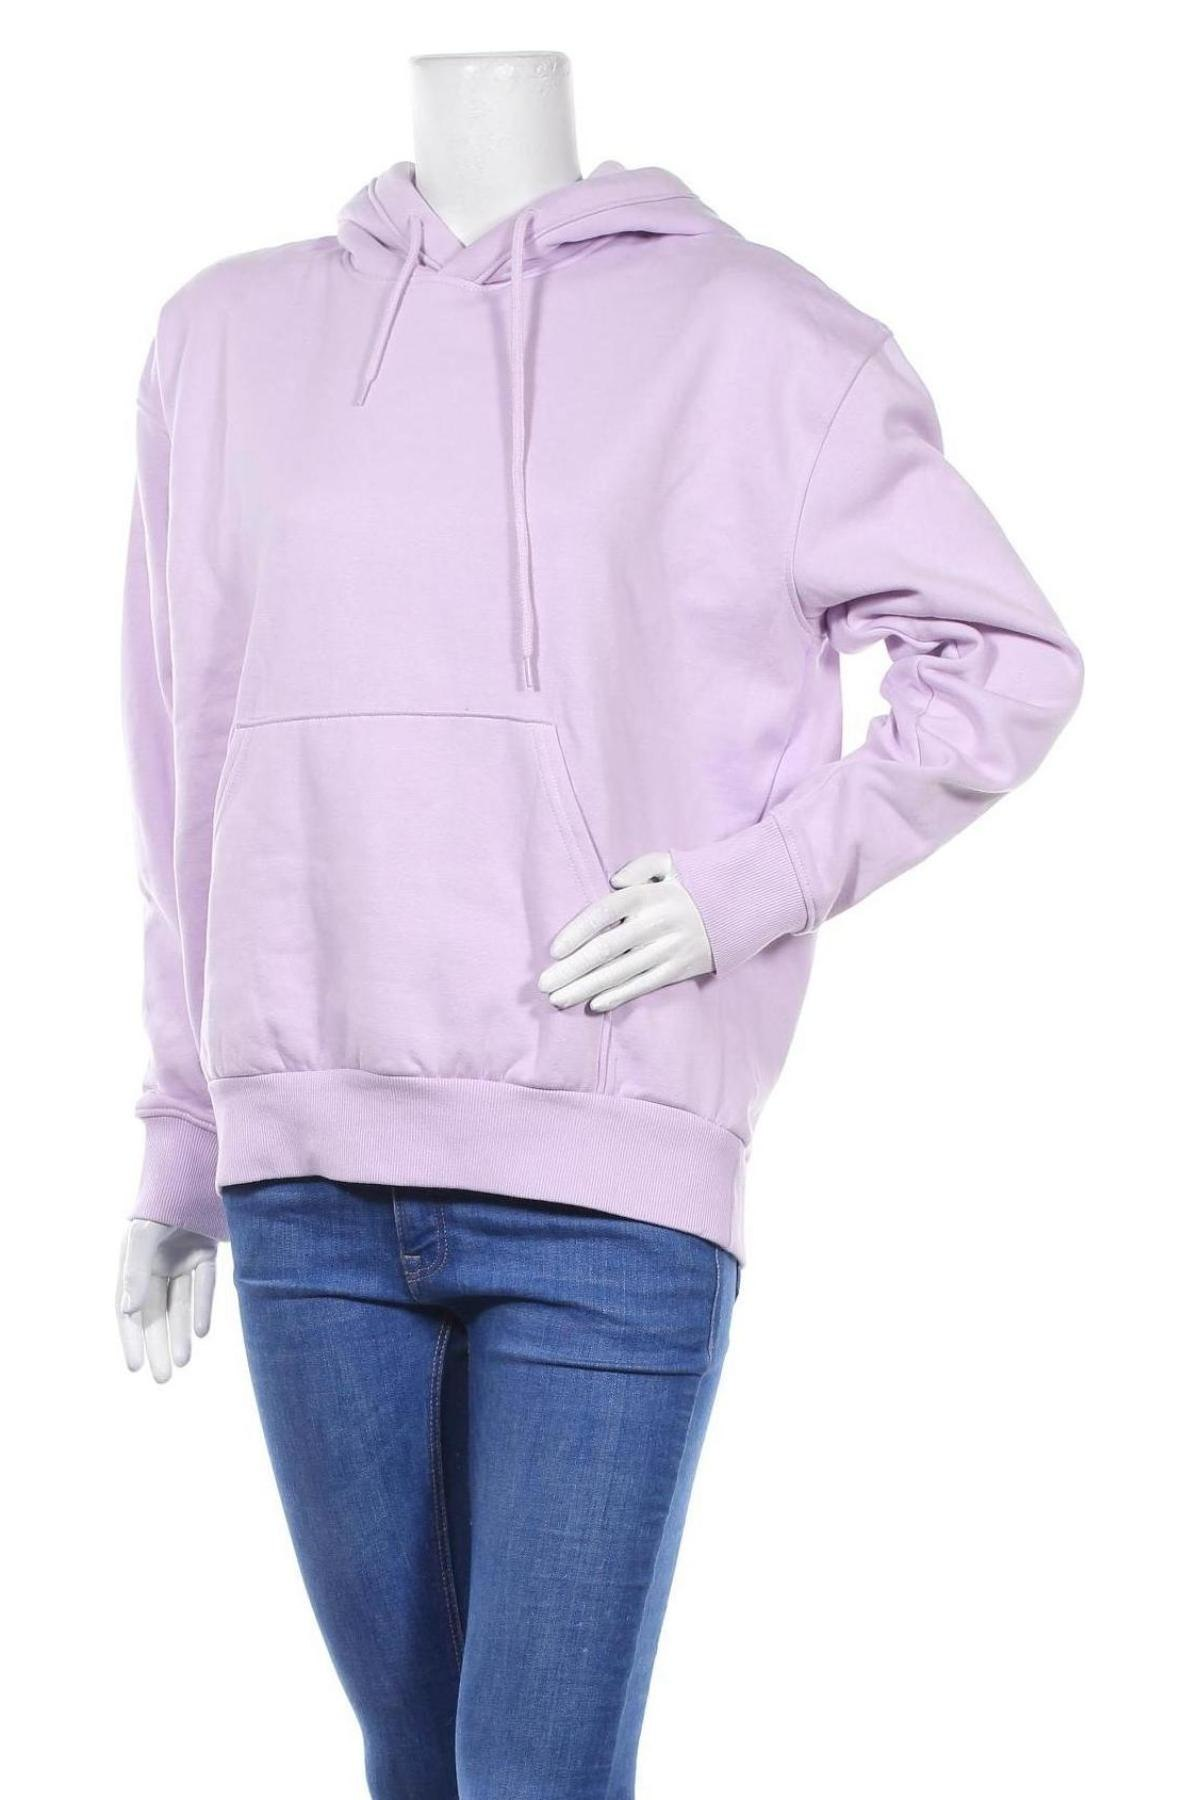 Γυναικείο φούτερ Weekday, Μέγεθος XS, Χρώμα Βιολετί, 80% βαμβάκι, 20% πολυεστέρας, Τιμή 10,18€